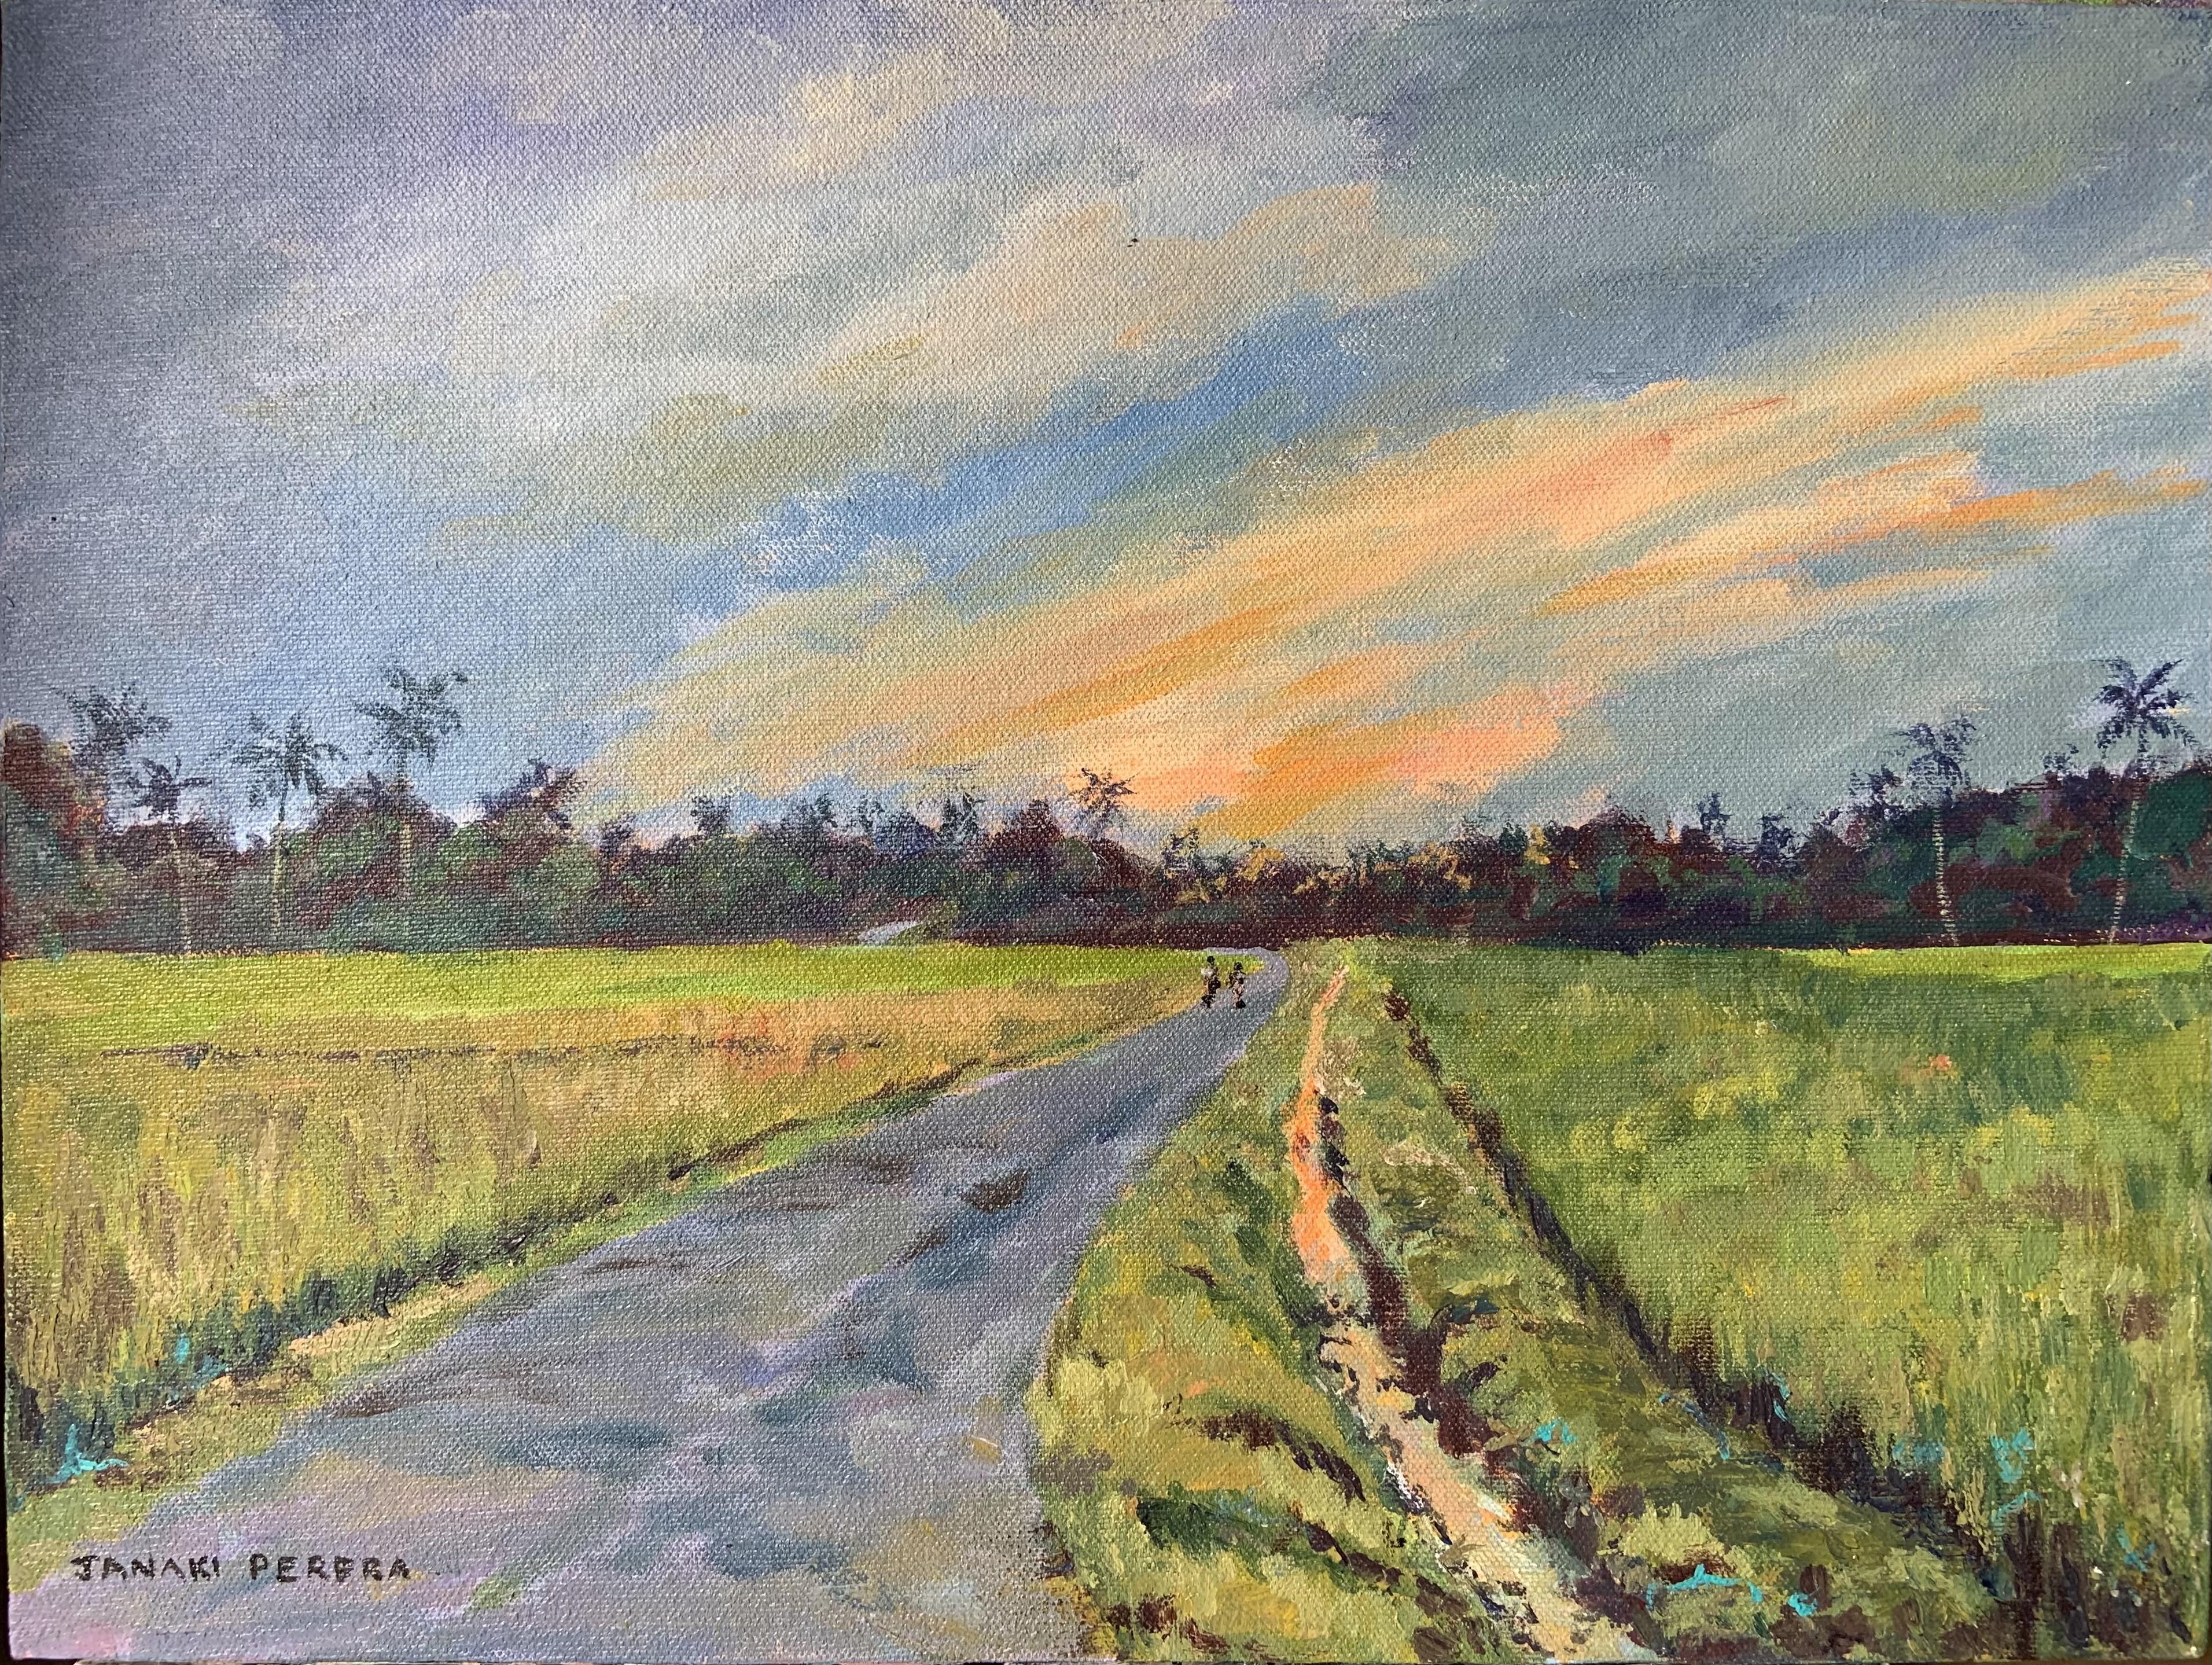 Sunset by paddyfield by Janaki Perera